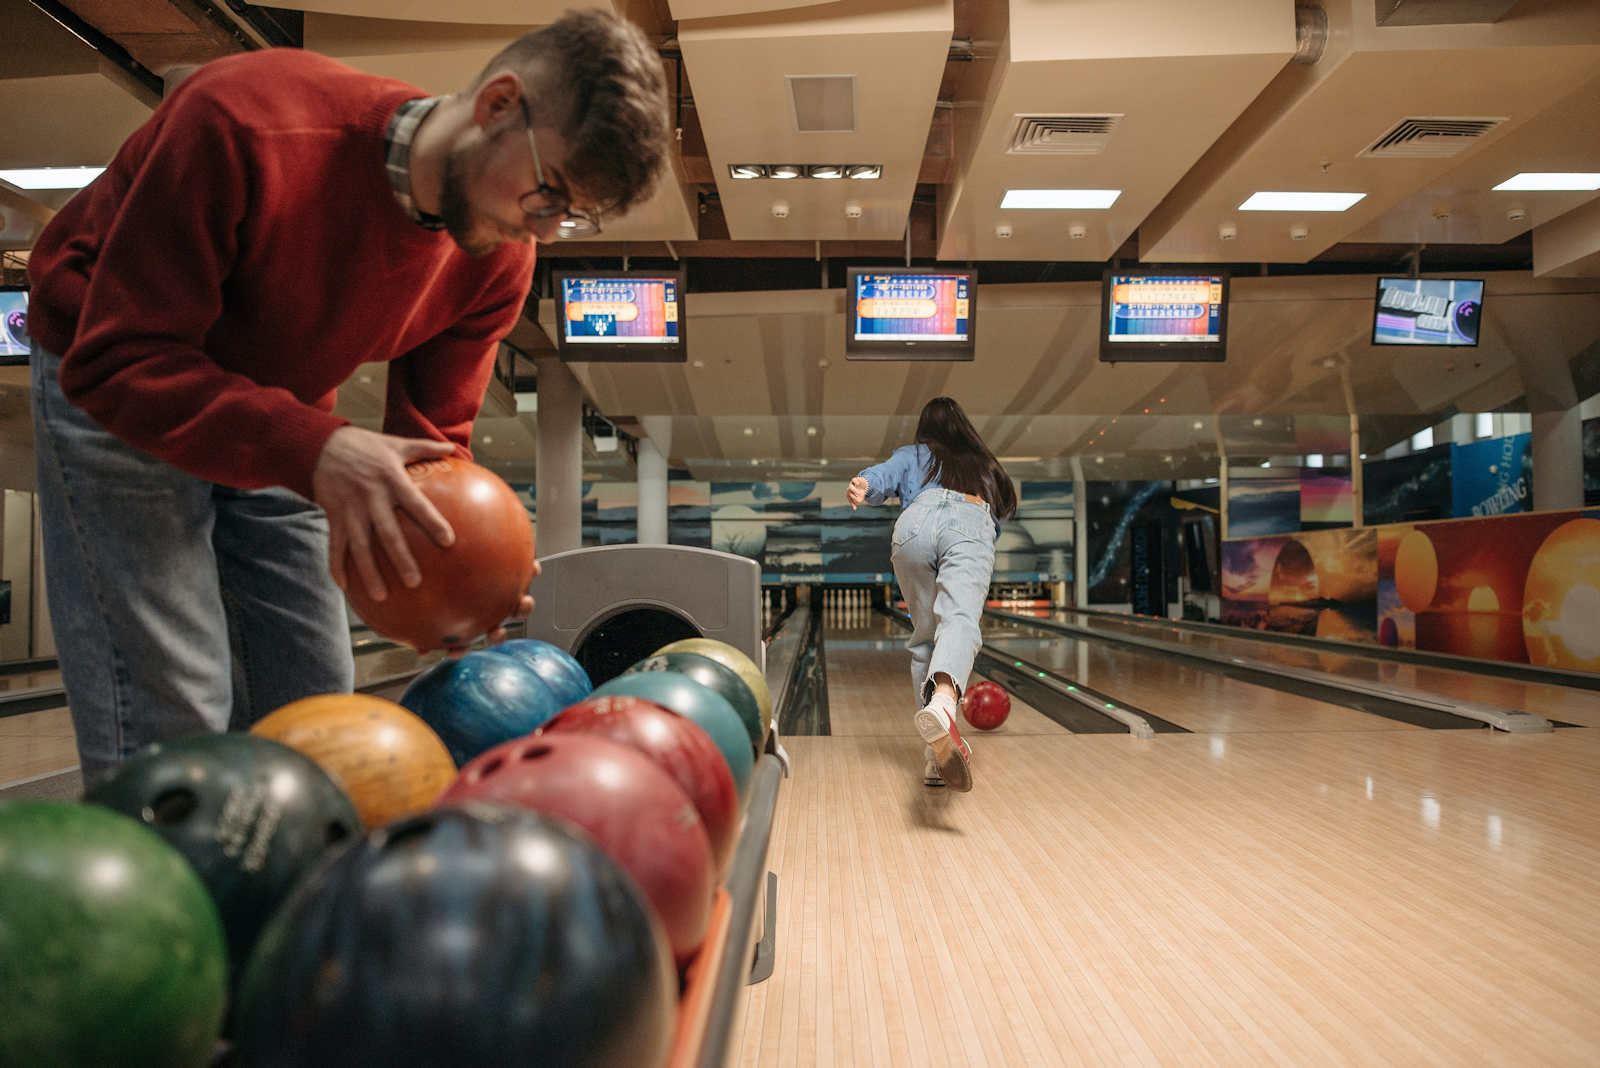 Sorrento Bowling Club of Duncraig